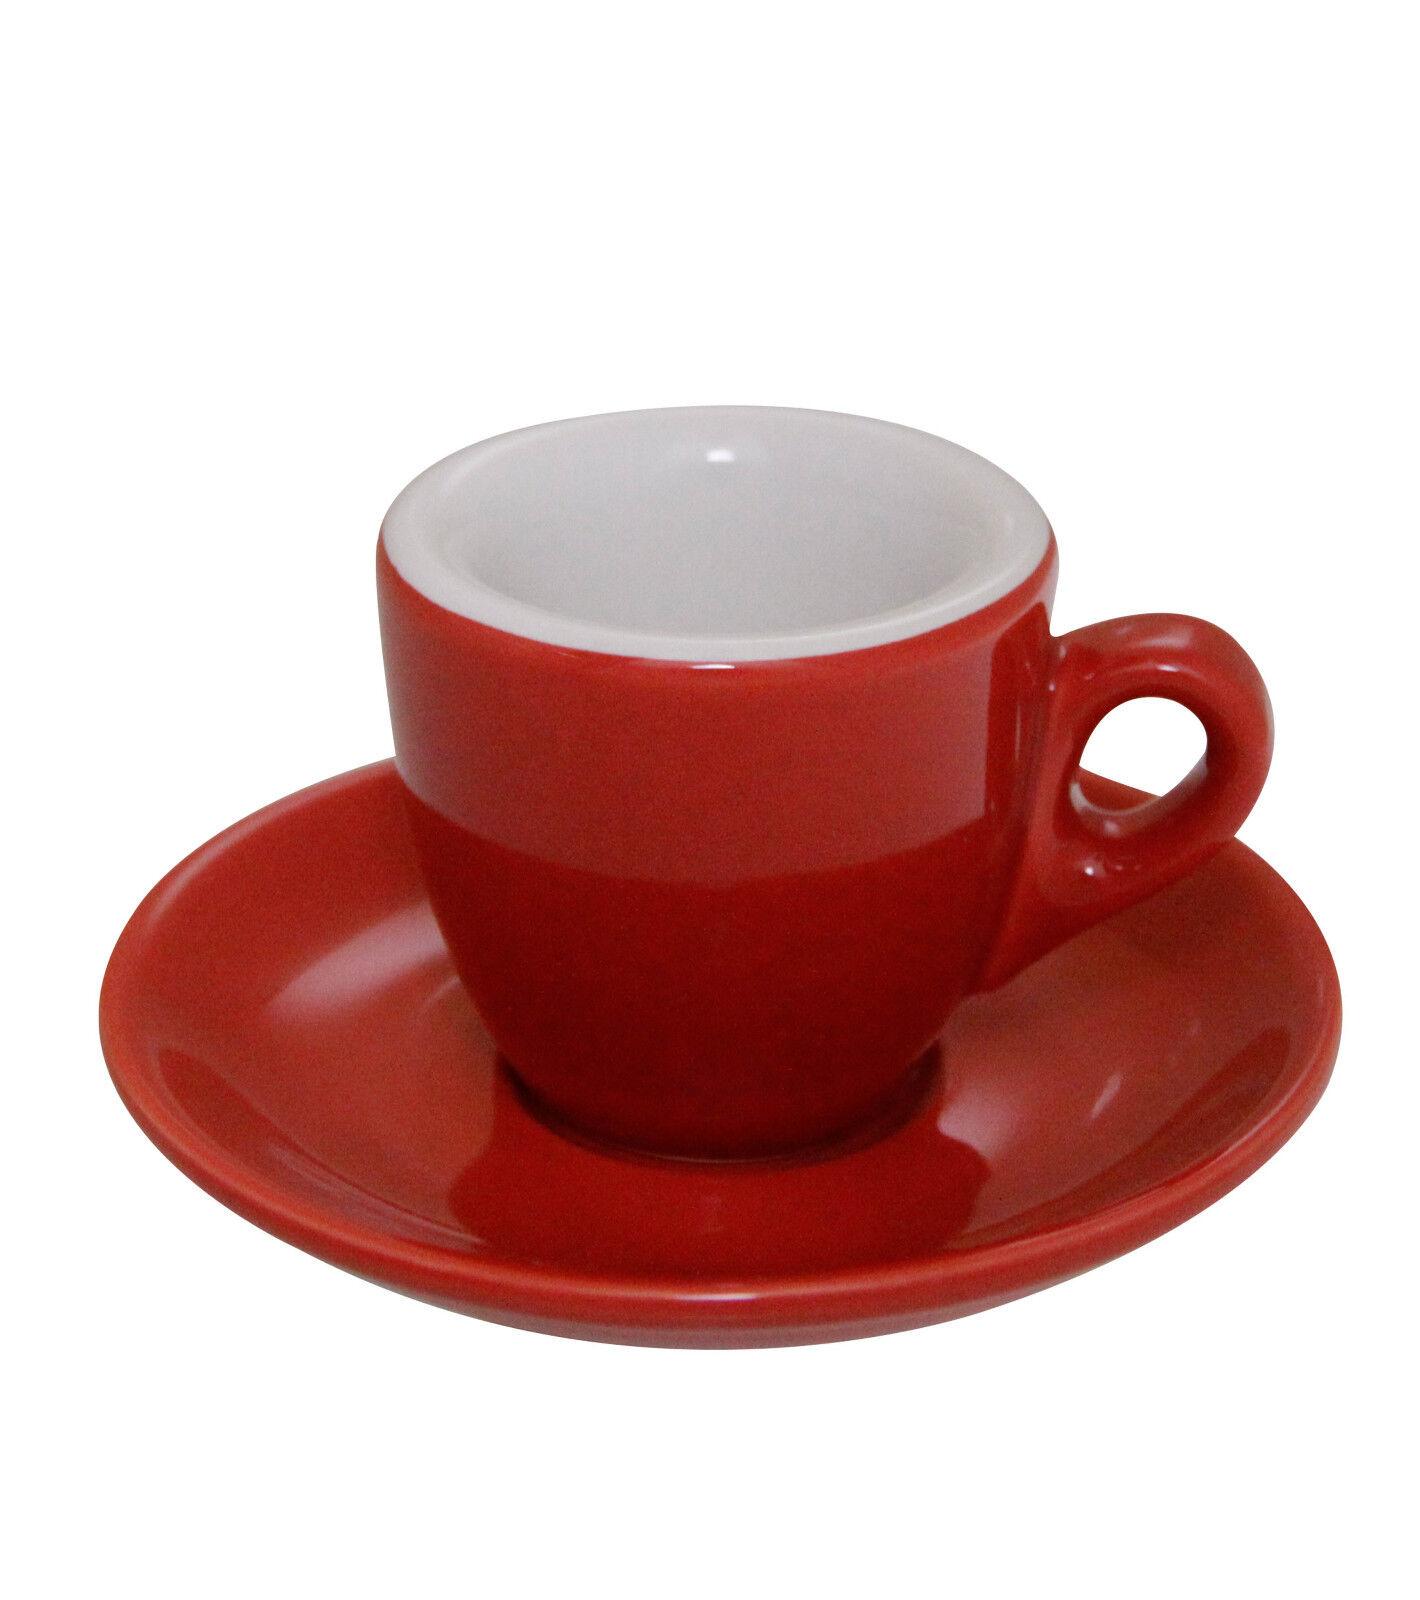 Espresso Tazze Palermo Rosso considerevole Made in  - 6 pezzi-Caffe Milano